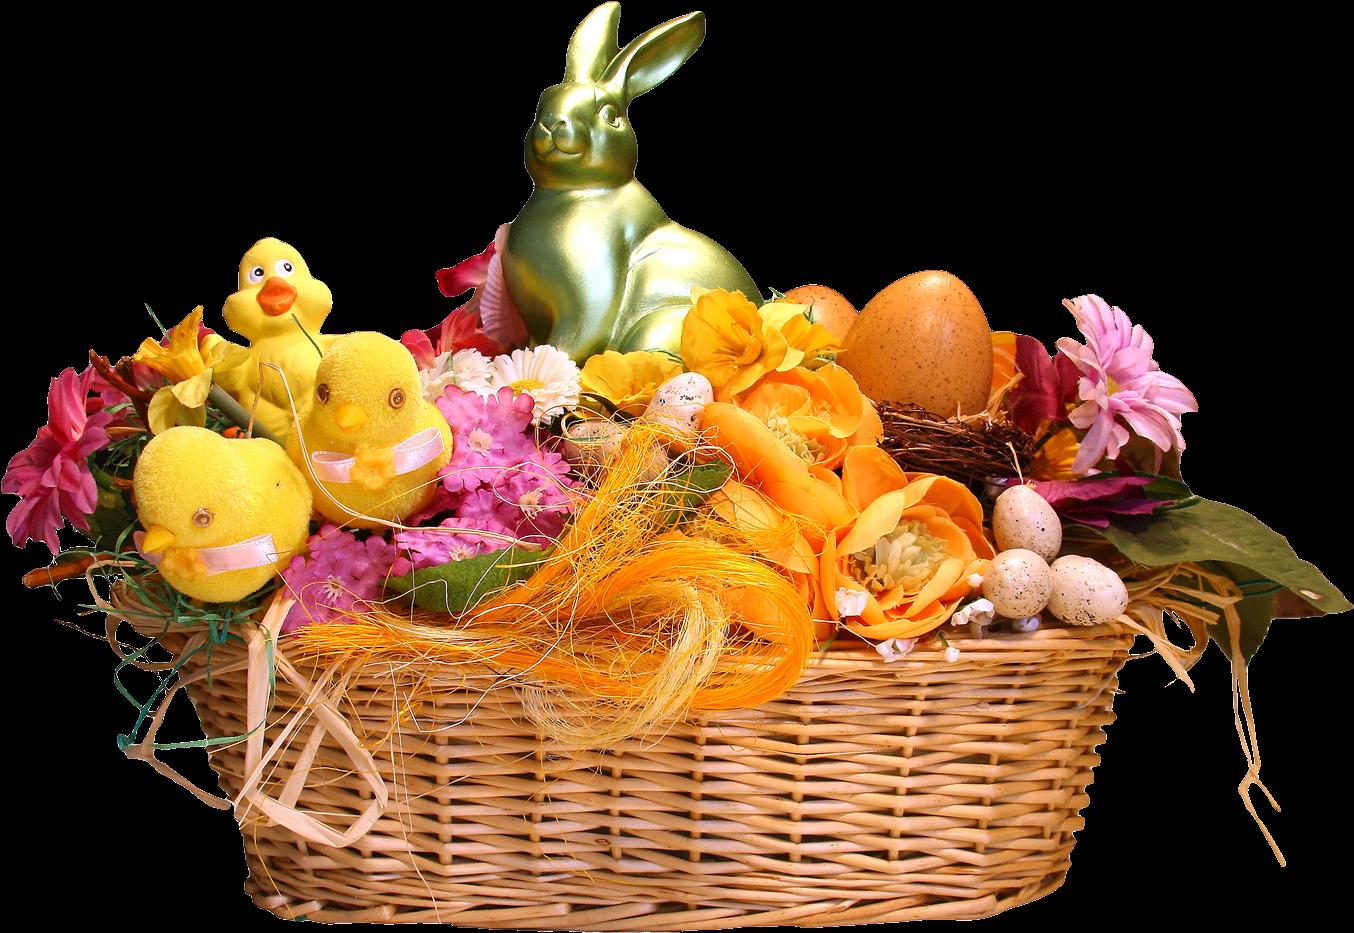 Download Easter Basket Png Transparent Image - Easter ...